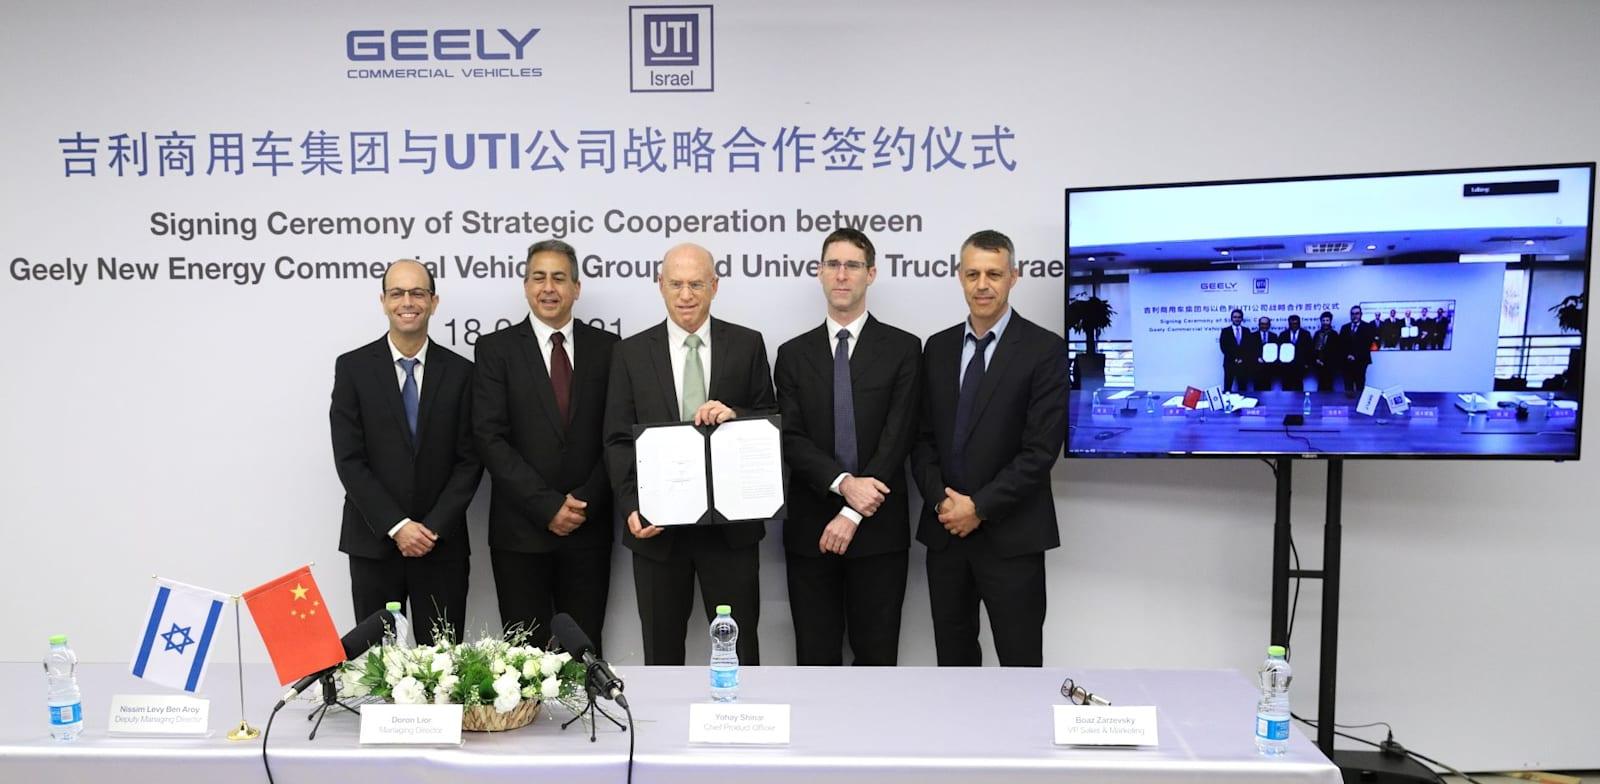 """נציגי UTI במעמד החתימה המקוון עם נציגי GEELY / צילום: יח""""צ"""